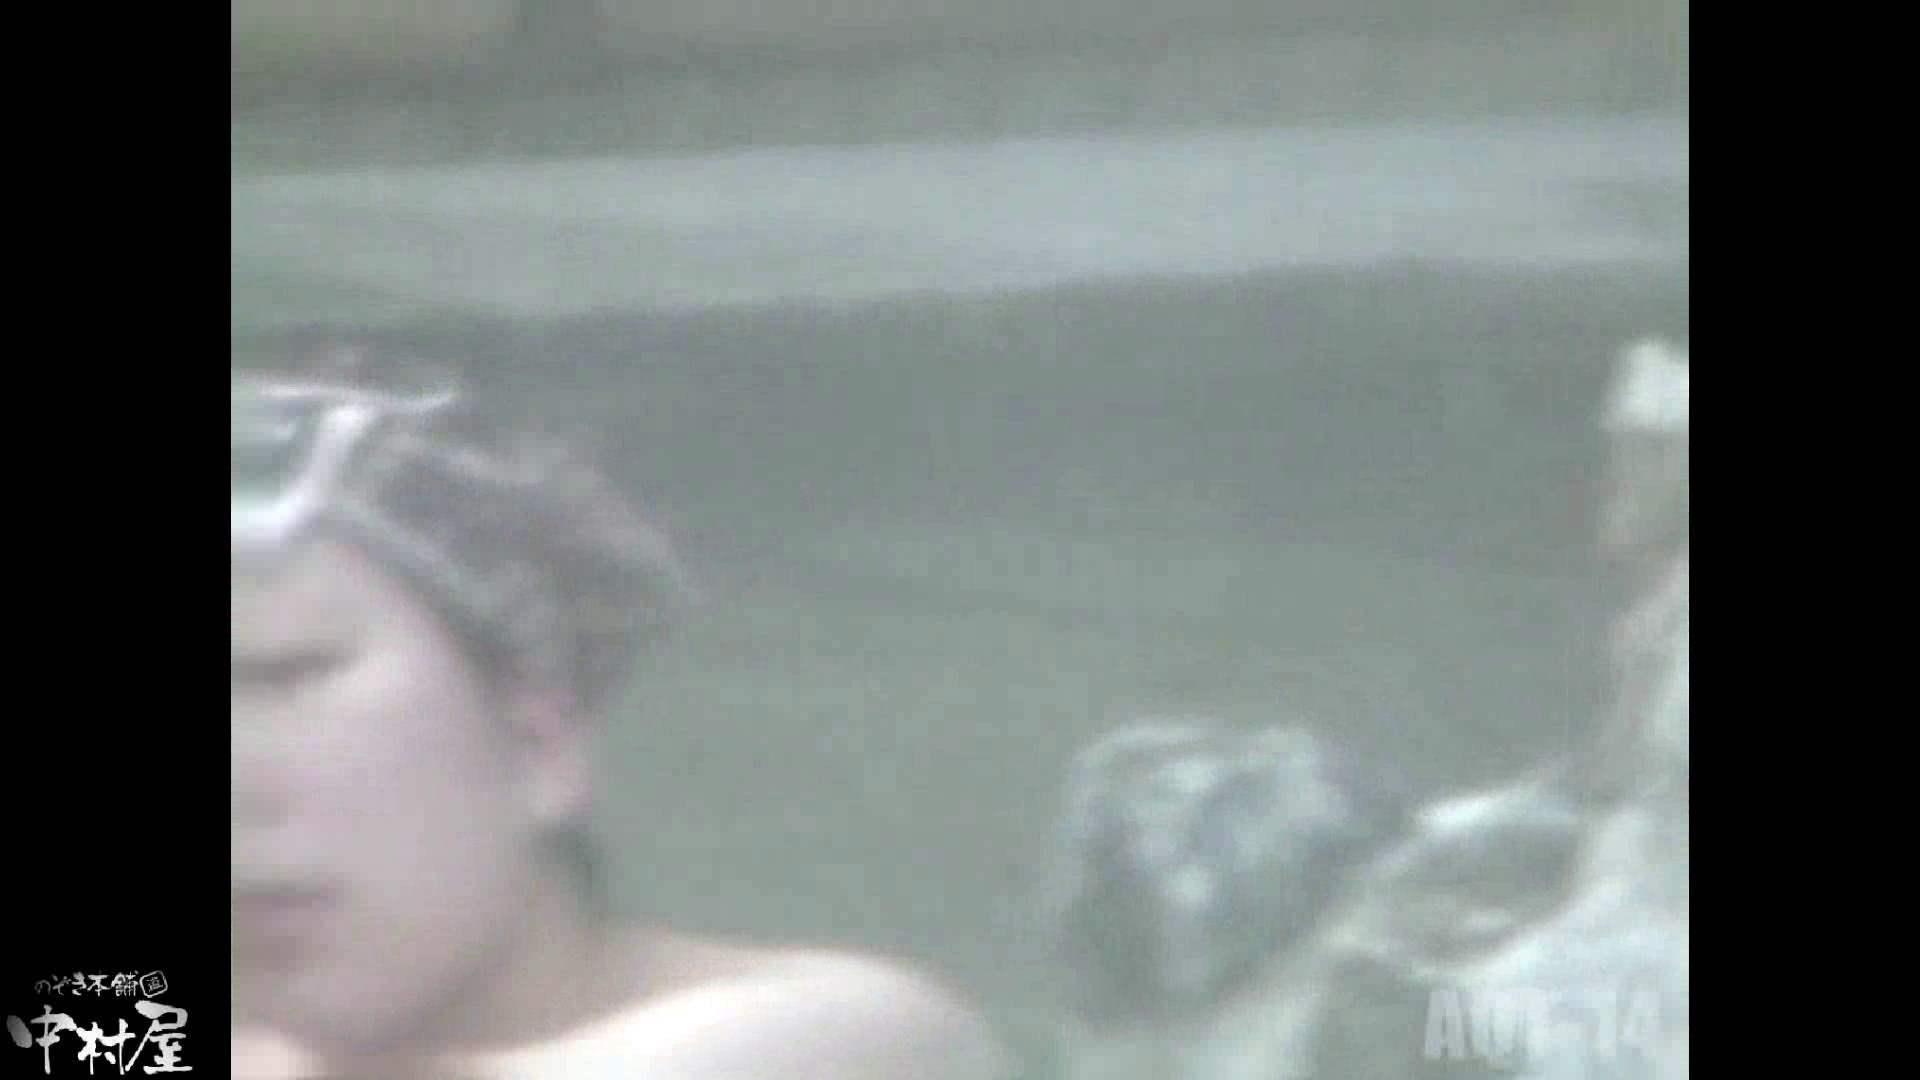 Aquaな露天風呂Vol.878潜入盗撮露天風呂十四判湯 其の十一 潜入 オメコ動画キャプチャ 98枚 58